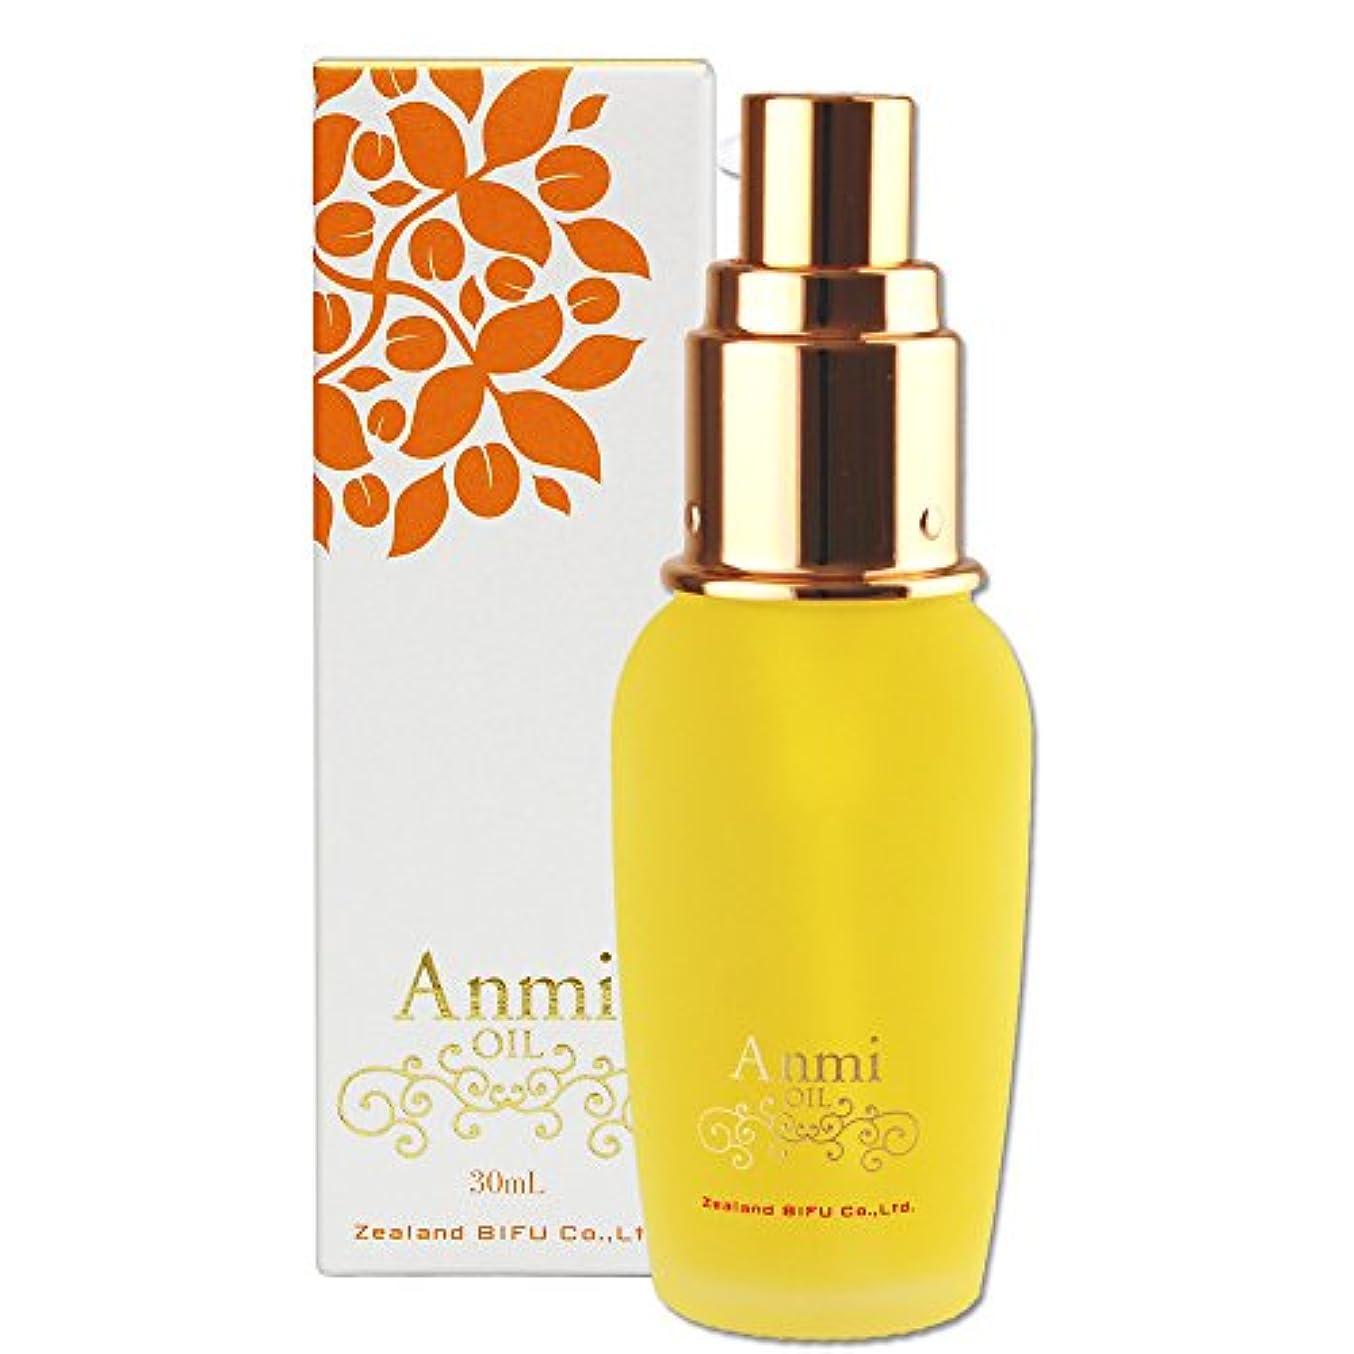 留め金ブラウンばかげているAnmi アンミオイル 30ml ヨクイニンエキス配合 肌に浸透させて顔や首元のぶつぶつケアに。